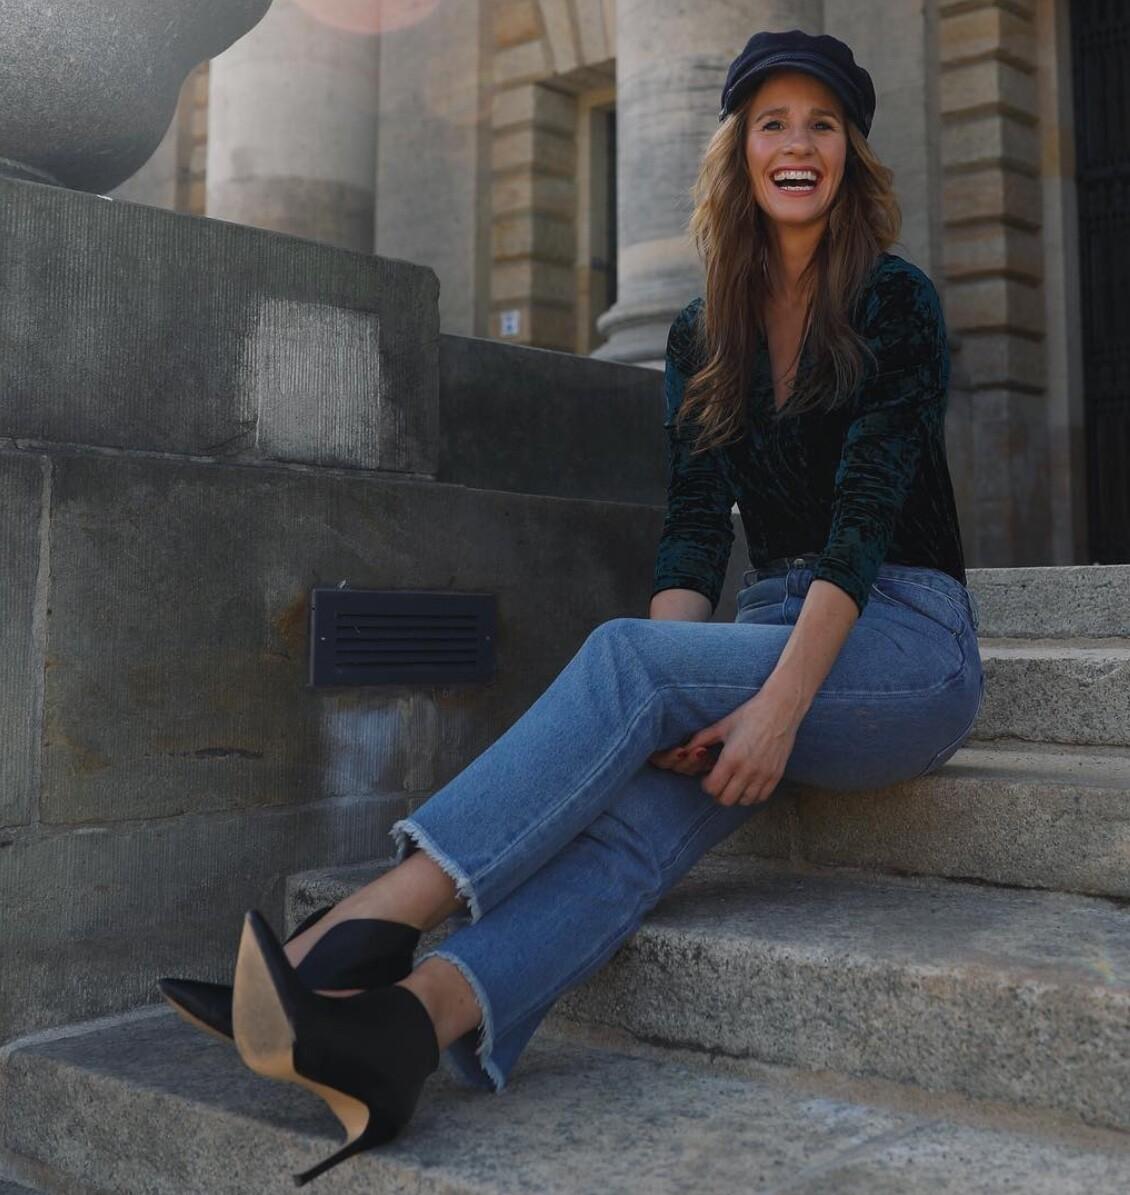 Foto van Mareile Höppner (3118953)